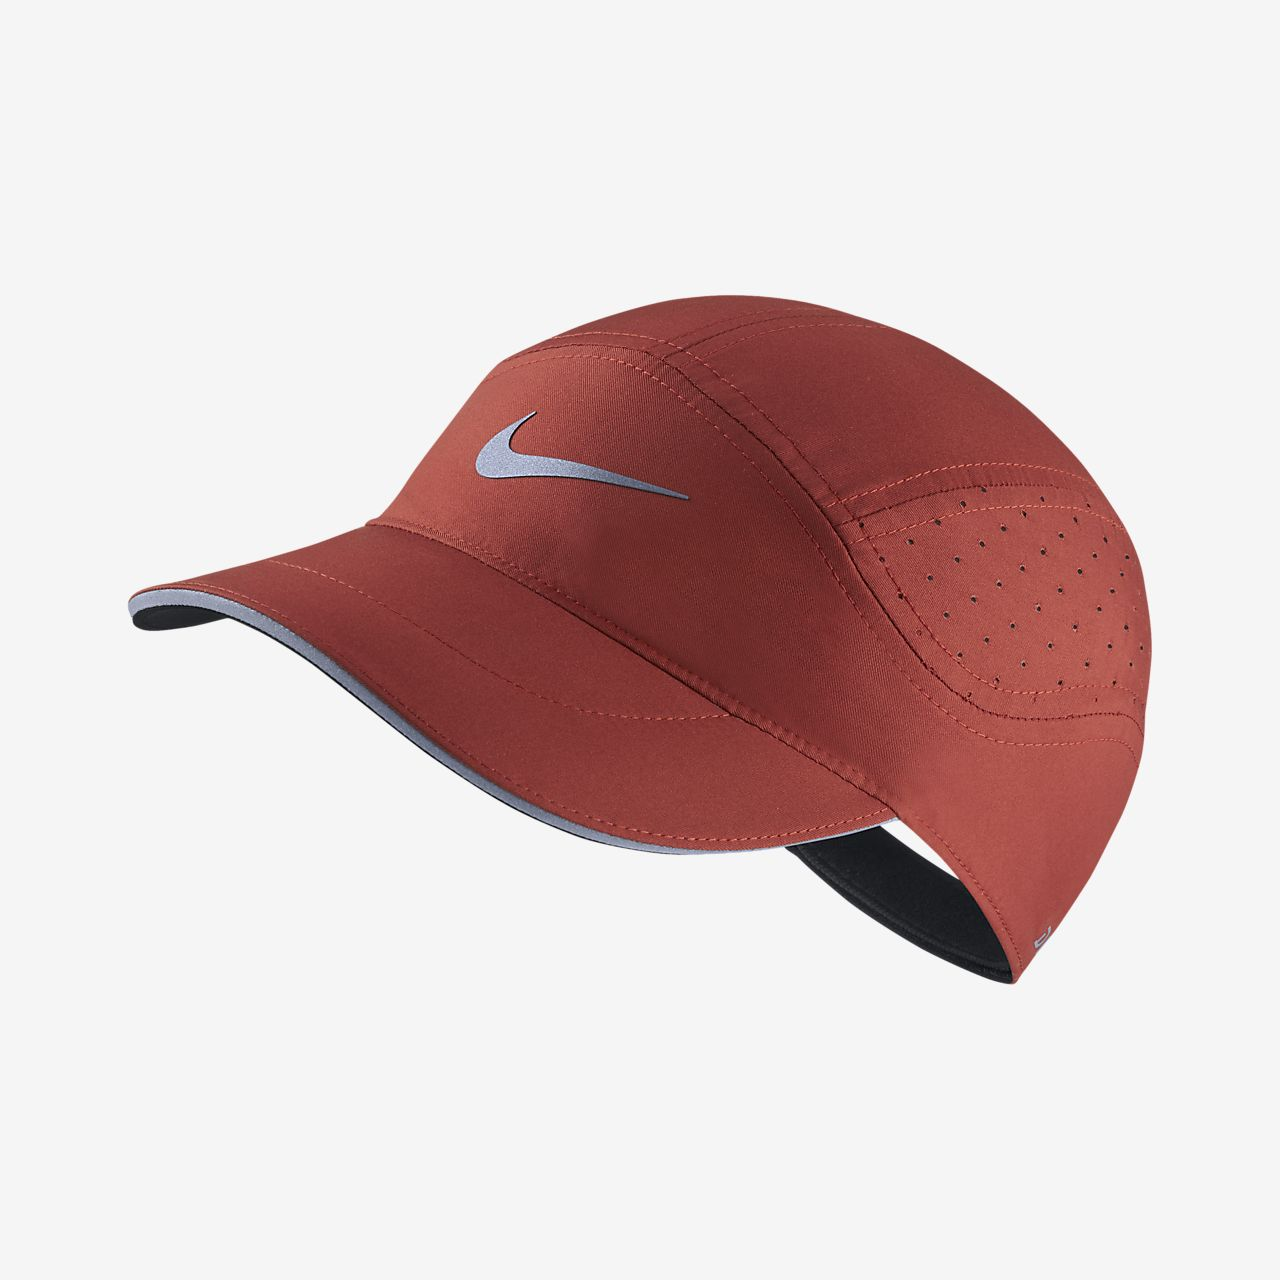 Nike AeroBill Women's Adjustable Running Hat